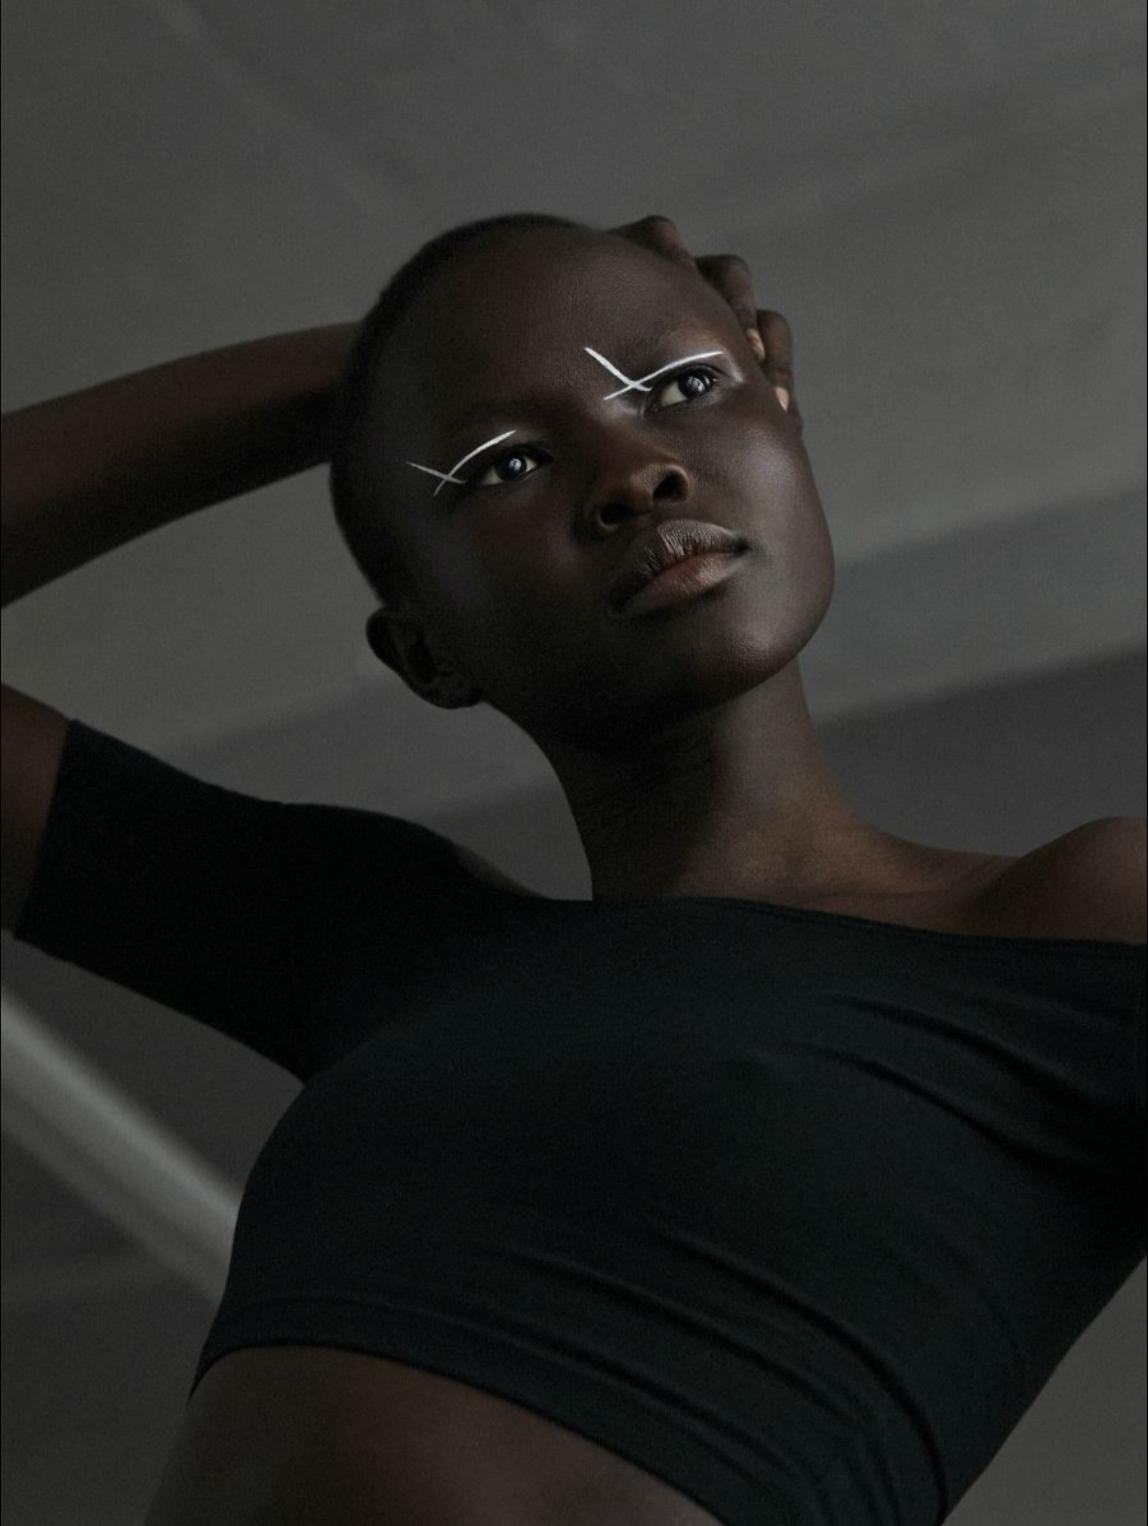 Angok Mayen - Modelo do Sul do Sudão. Atualmente em Nova Iorque.